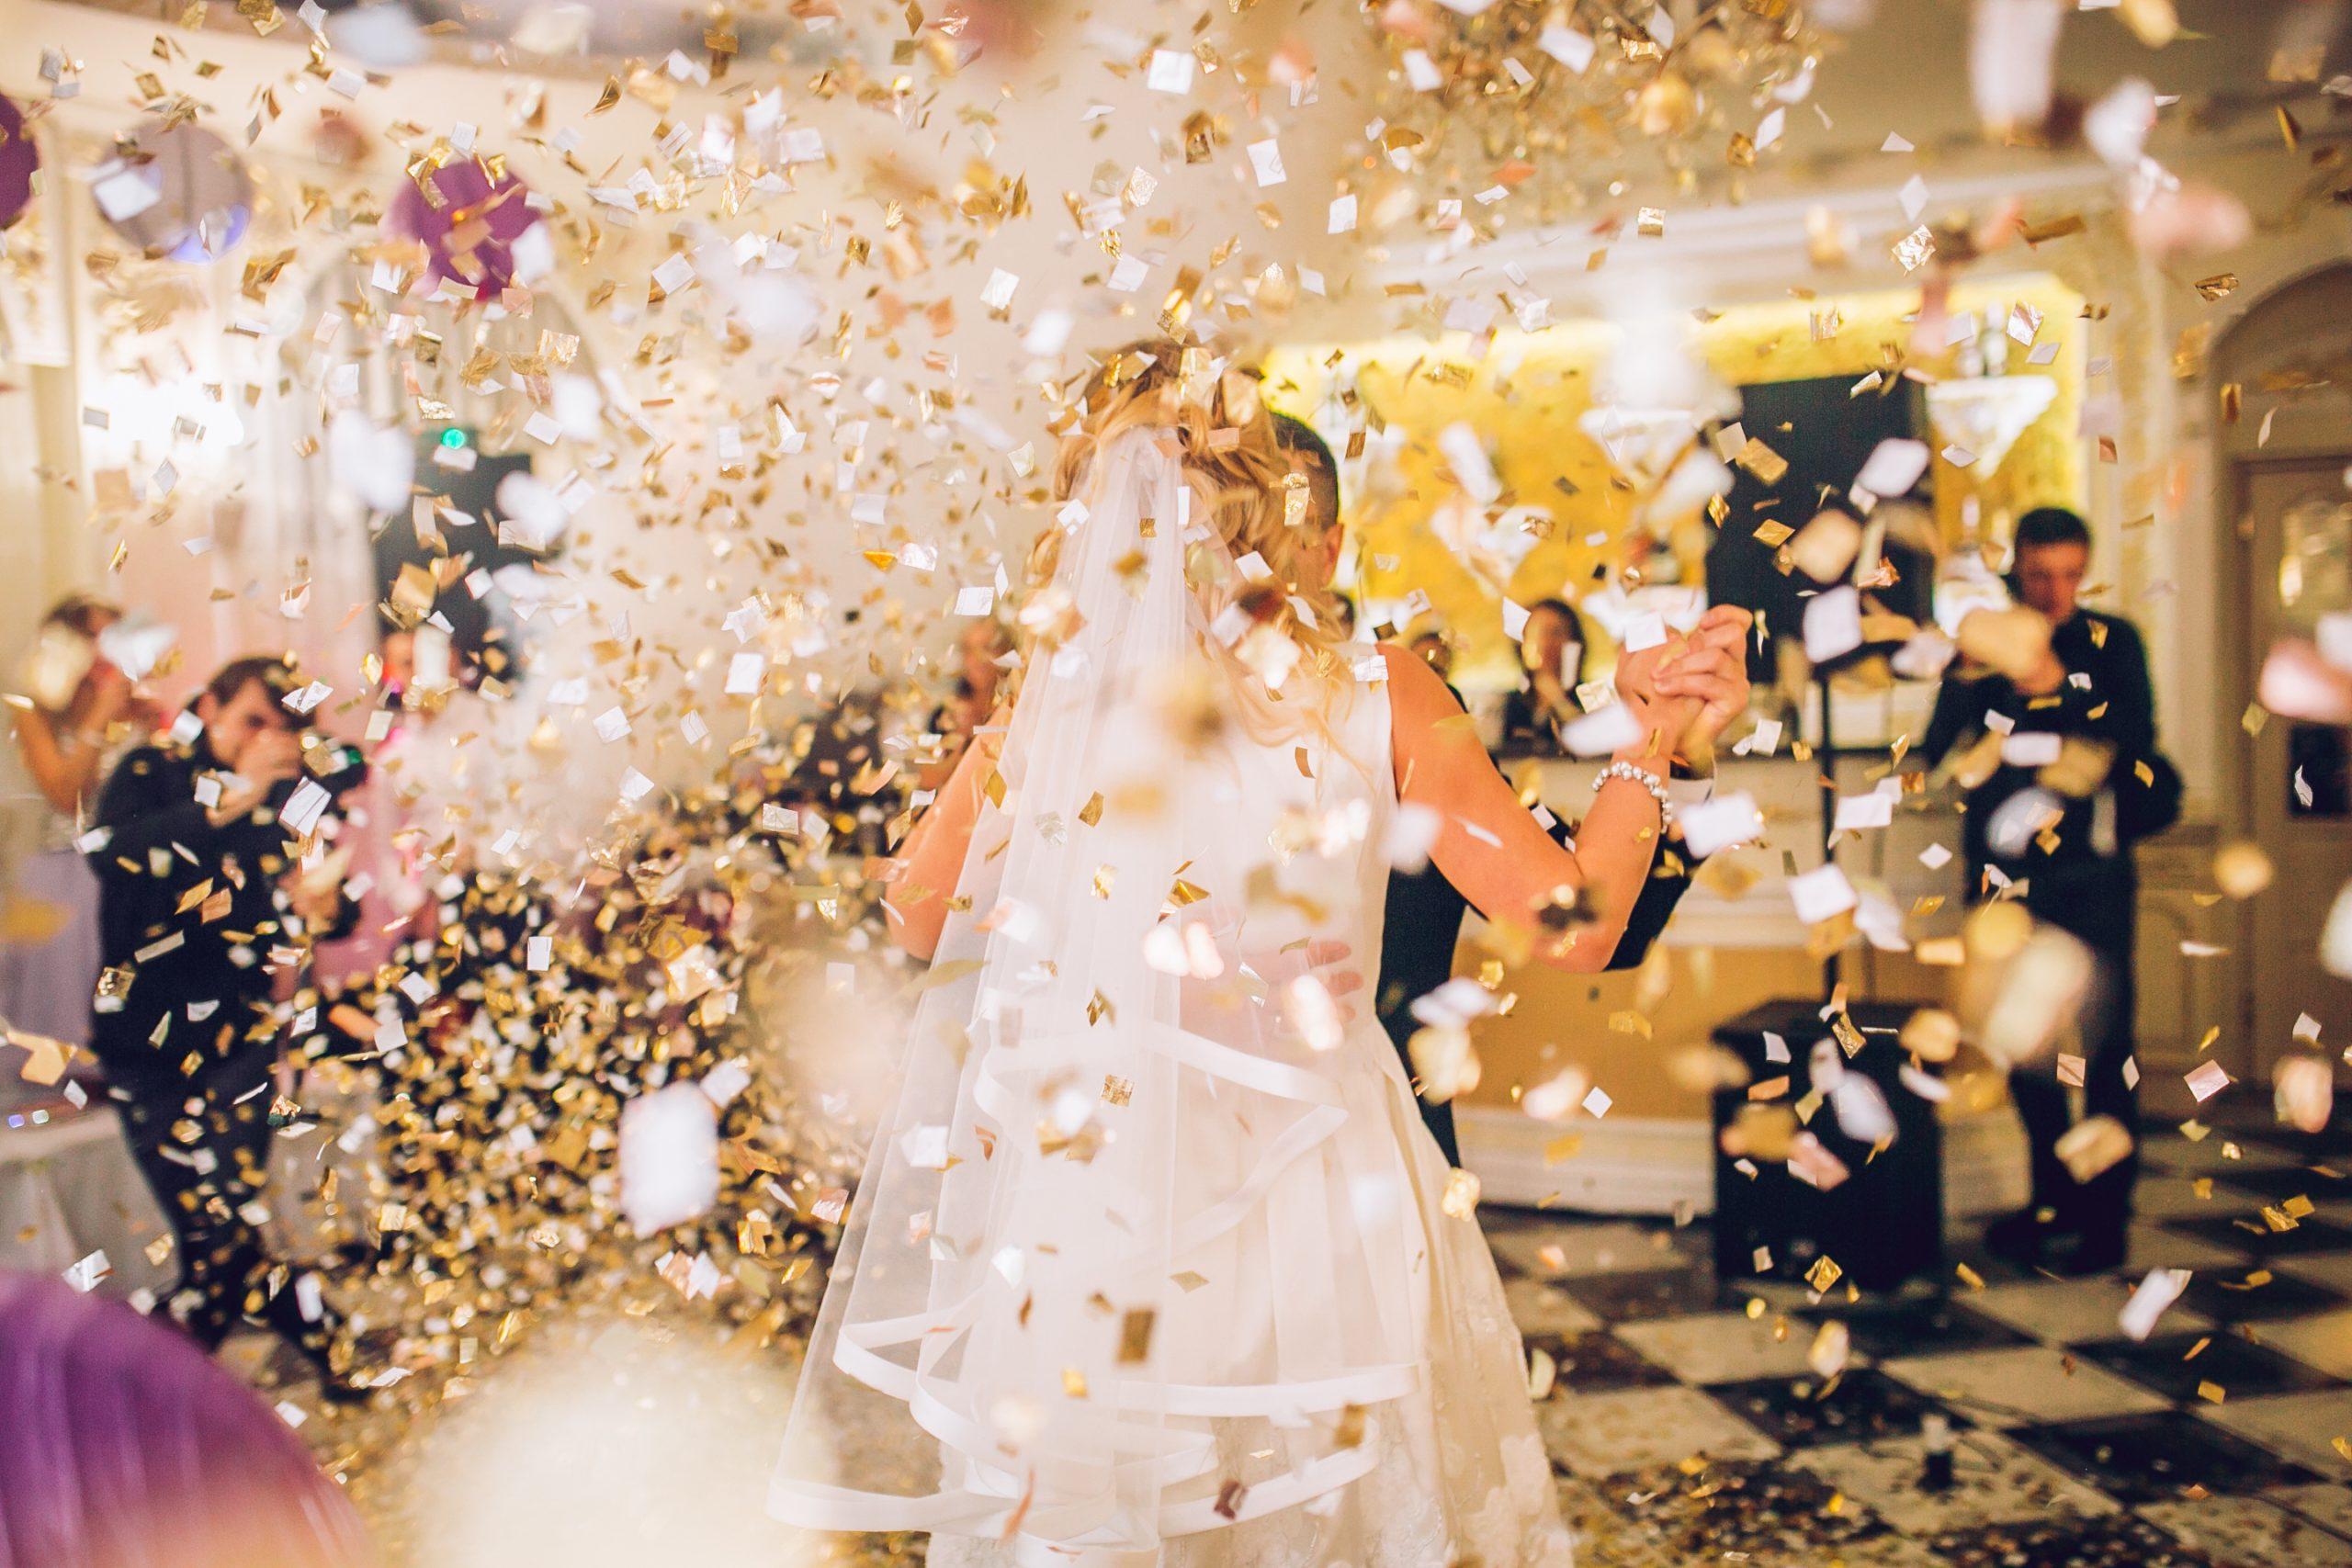 結婚式の時間のメリット